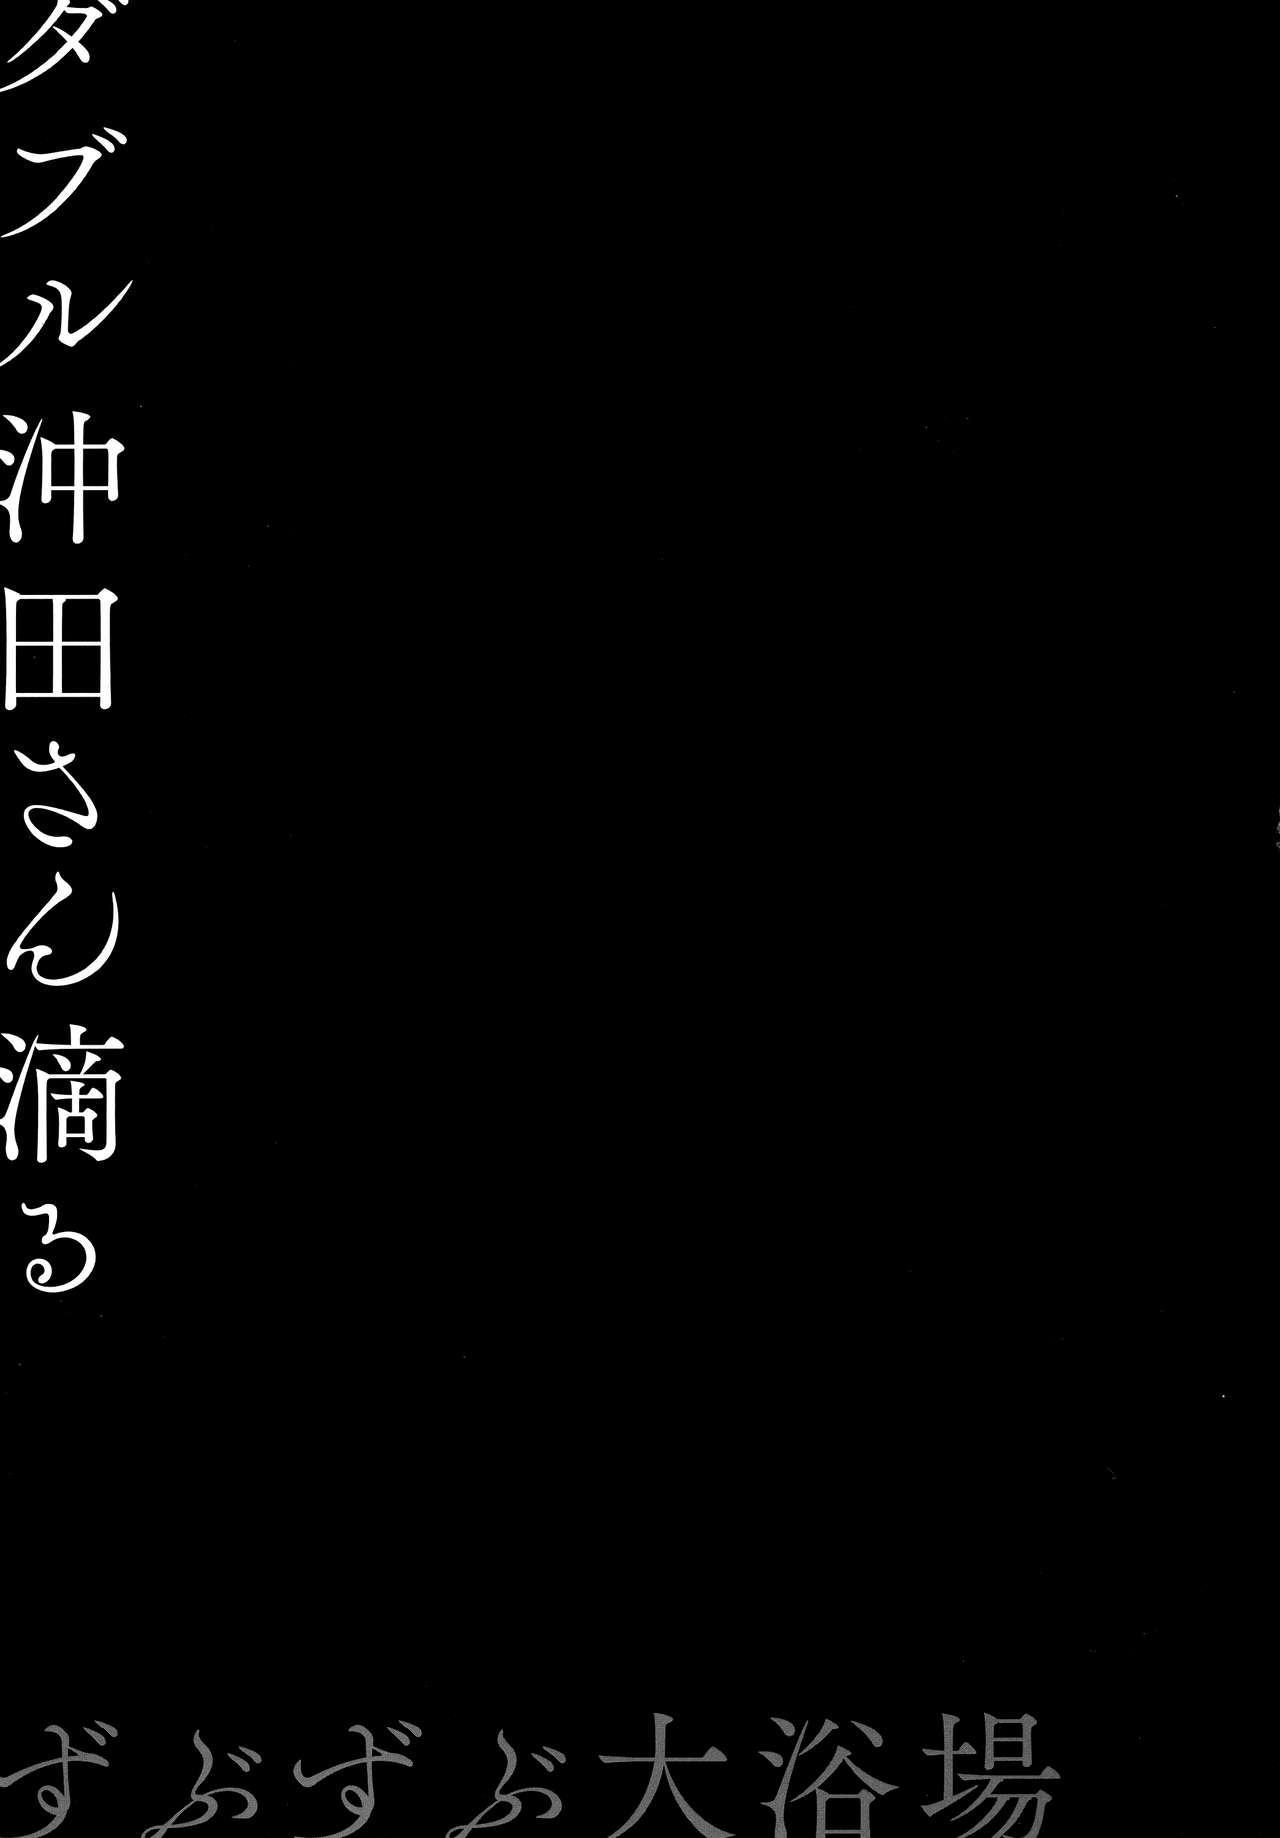 (C94) [Kinokonomi (konomi)] Double Okita-san Shitataru -Zubuzubu Daiyokujou- (Fate/Grand Order) [English] 16